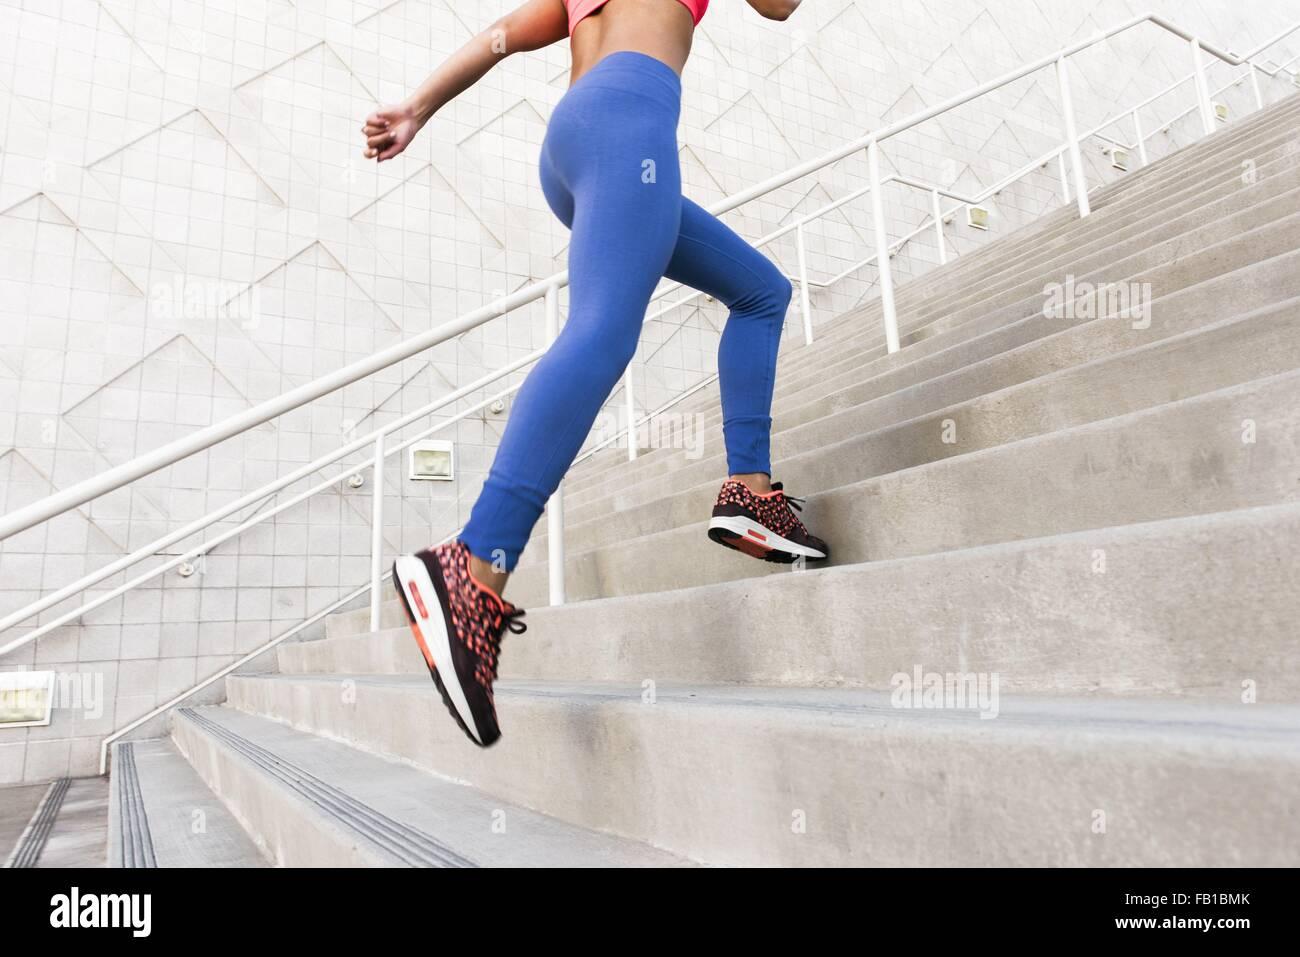 Vue arrière de l'angle faible de jeune femme, portant des vêtements de sport en marche vers le haut Photo Stock